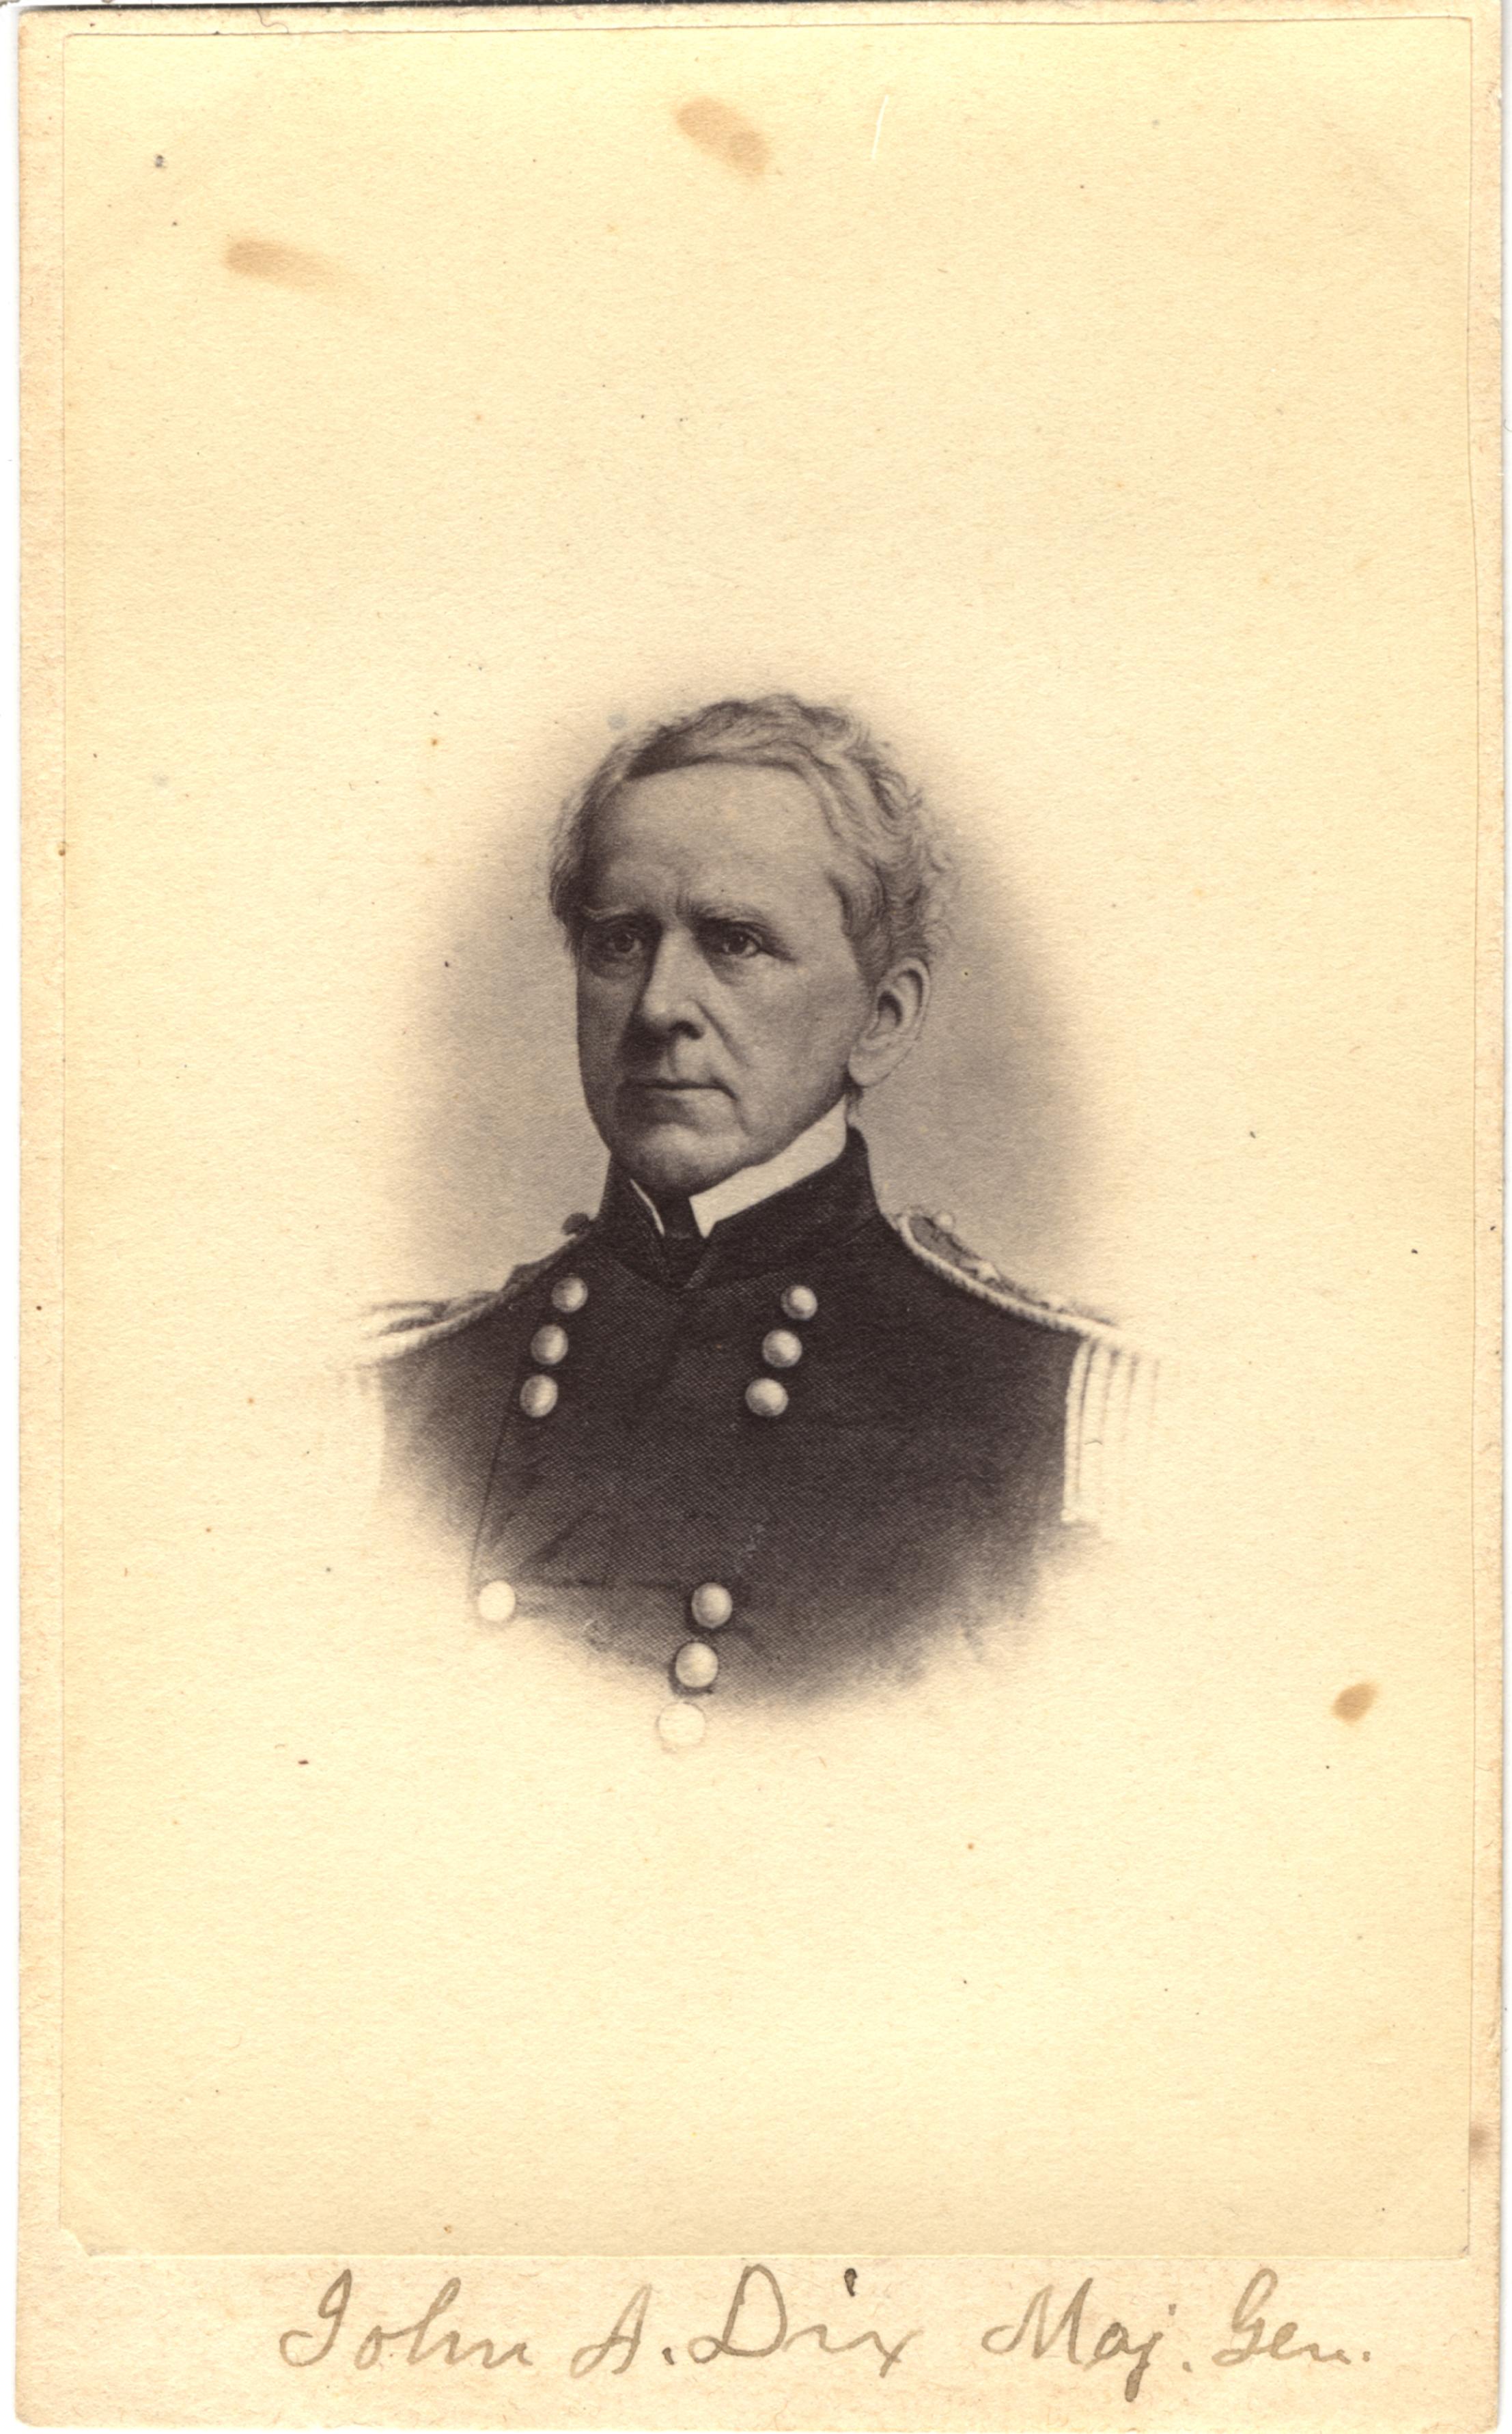 John A. Dix, circa 1860s